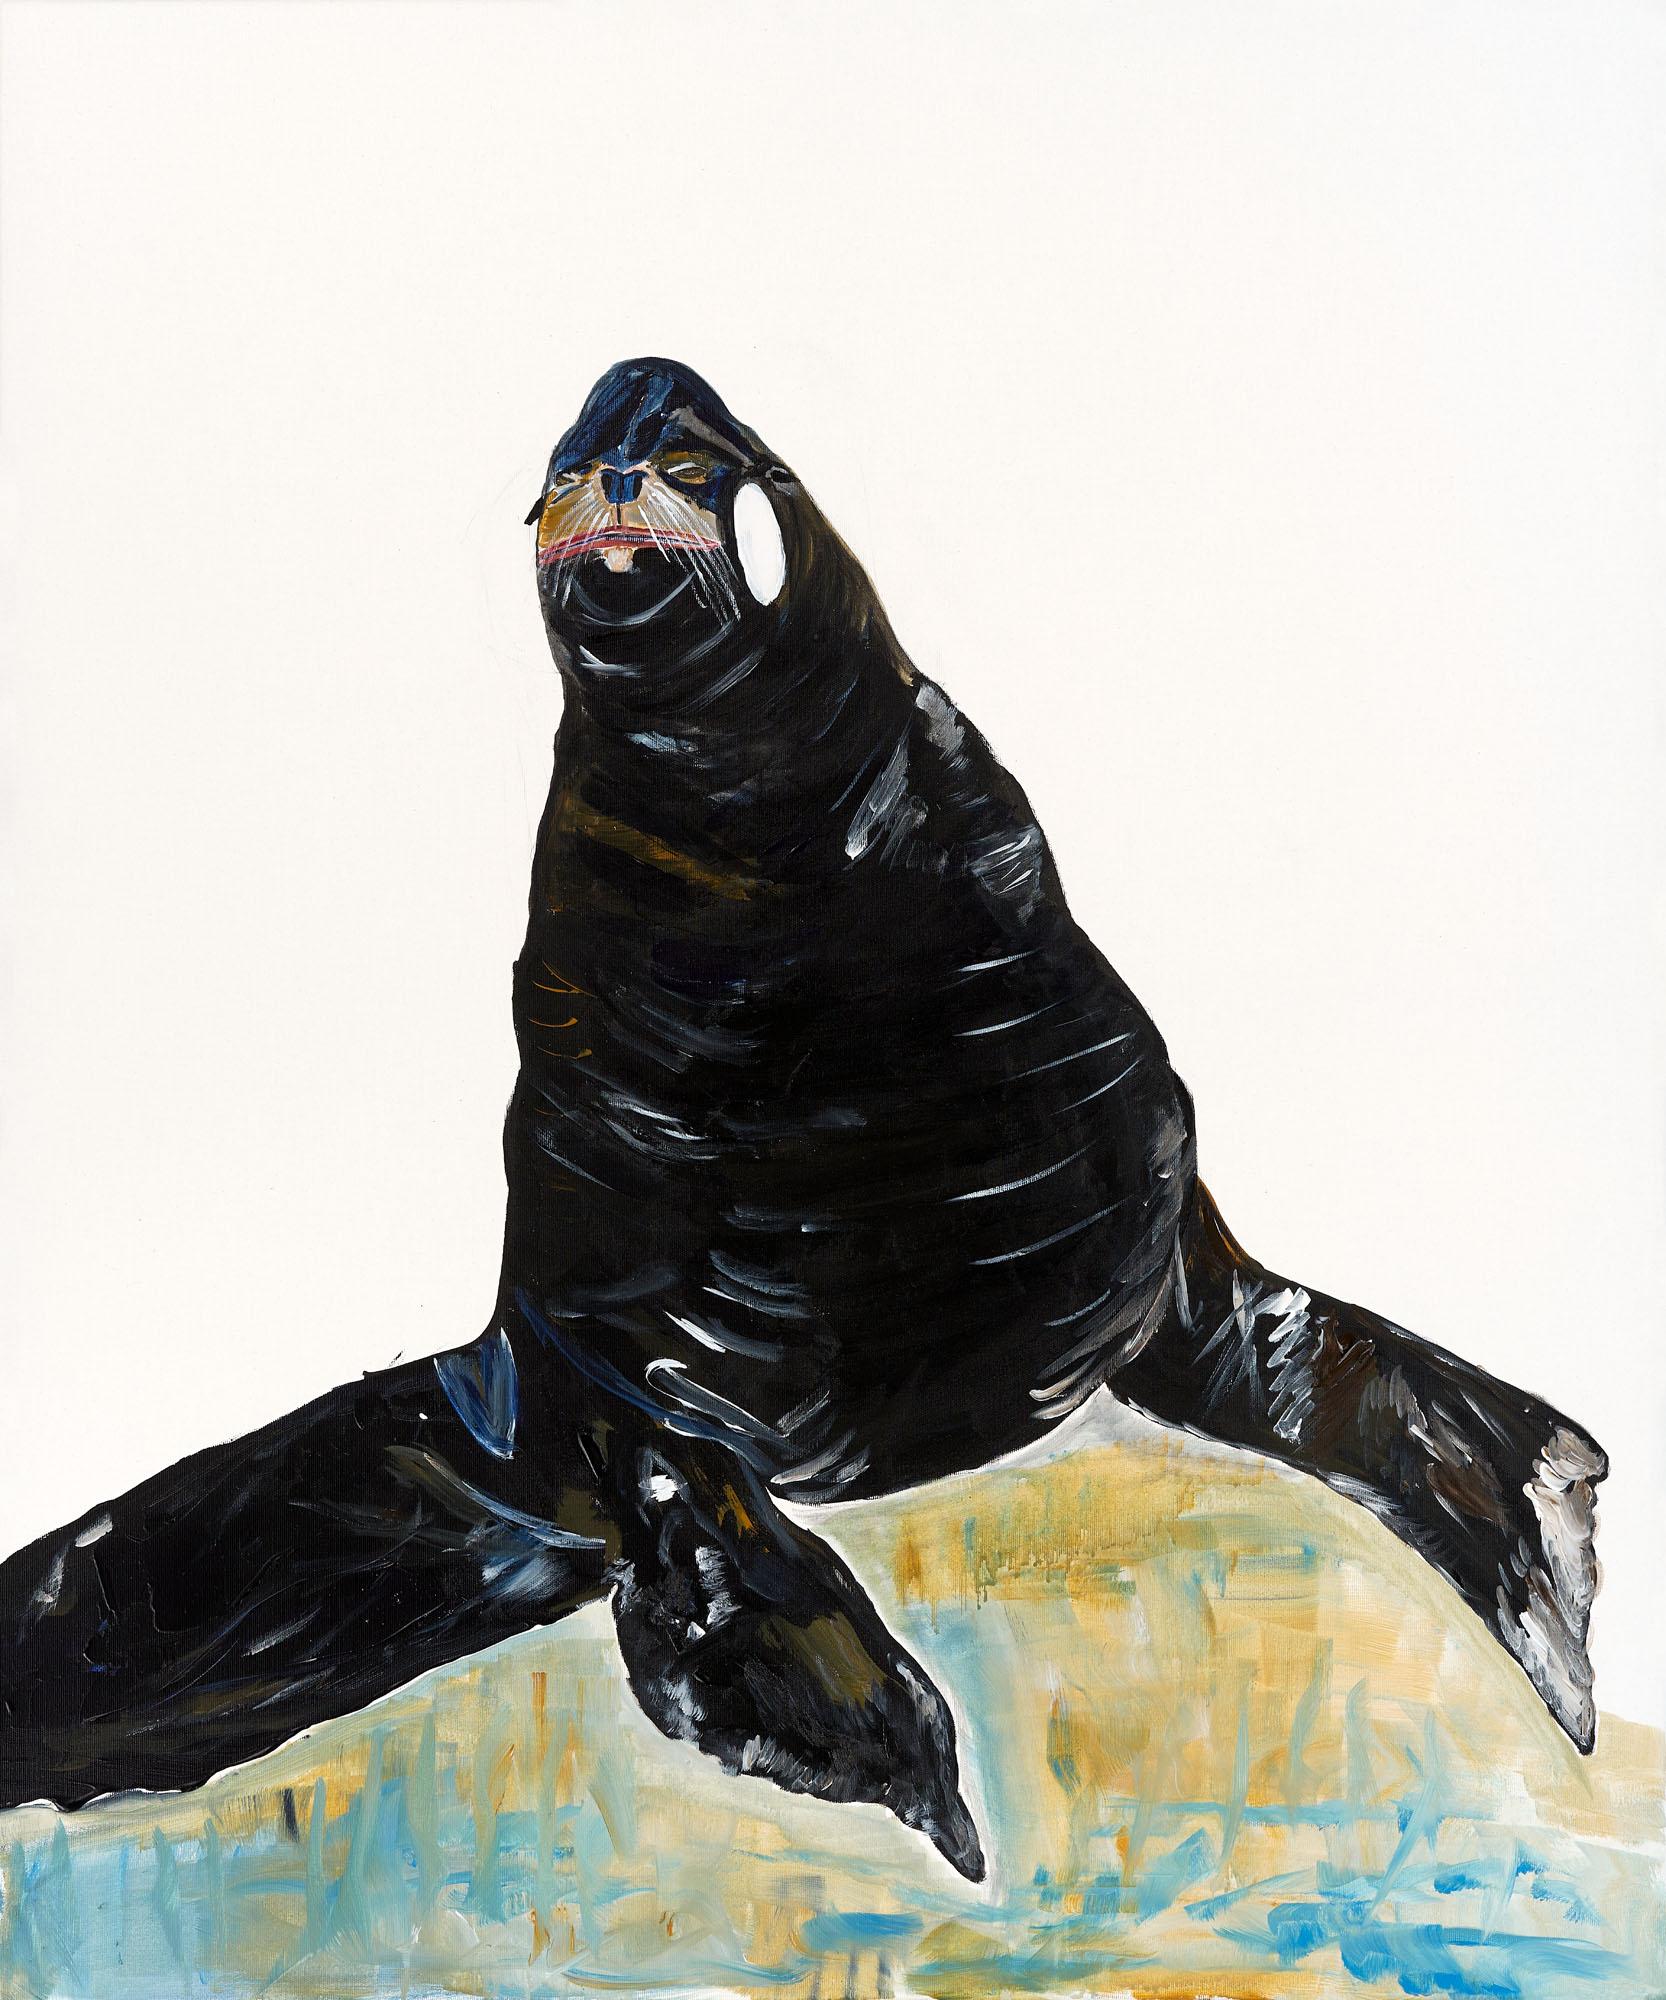 Die einzigartige Meeresgöttin in Gestalt einer Robbe